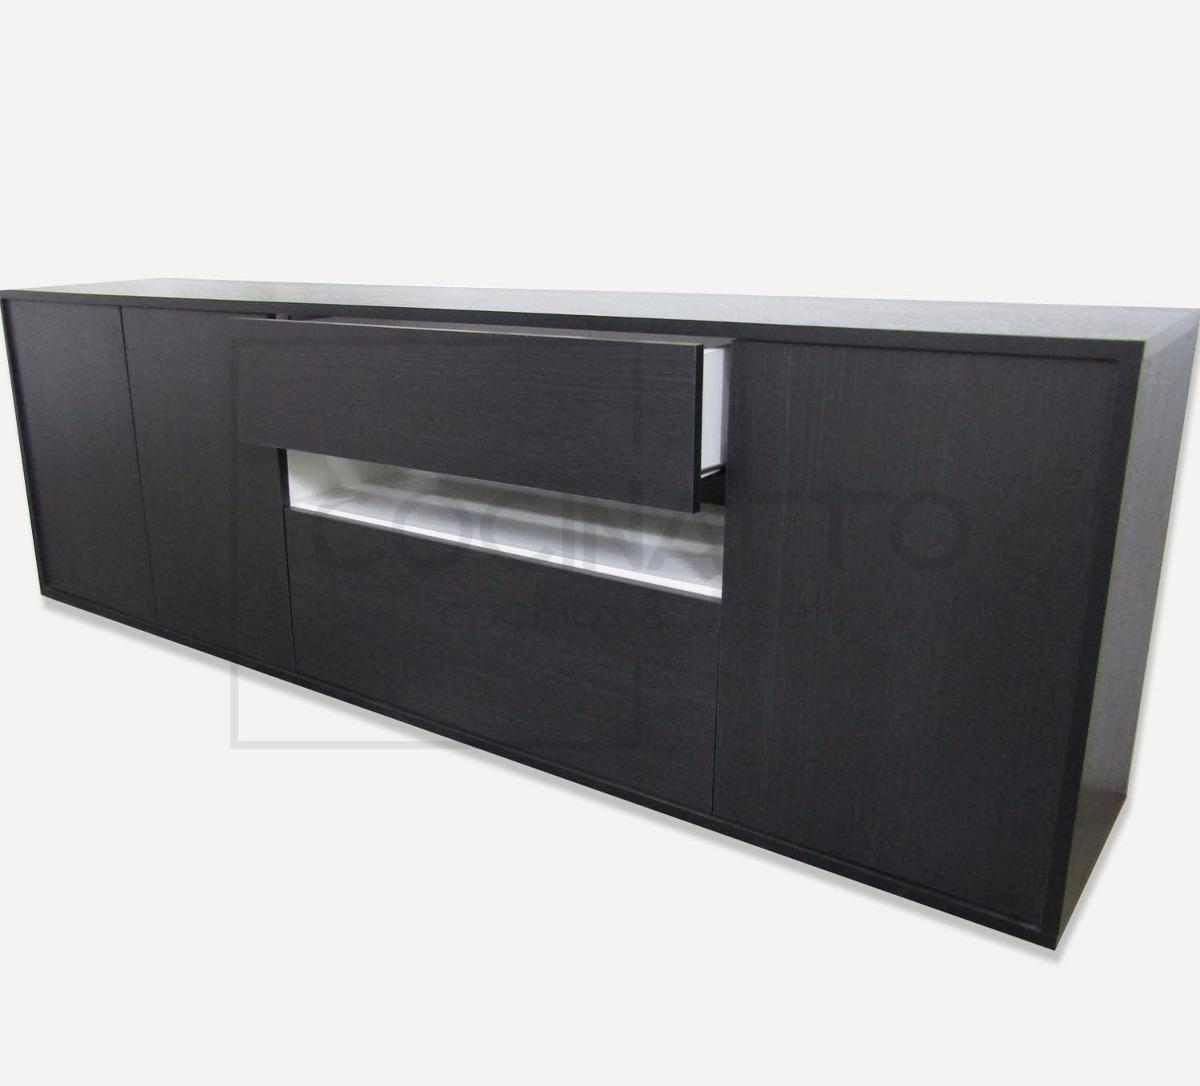 Mueble Modular Rack Led Vajillero Calidad Premium   5